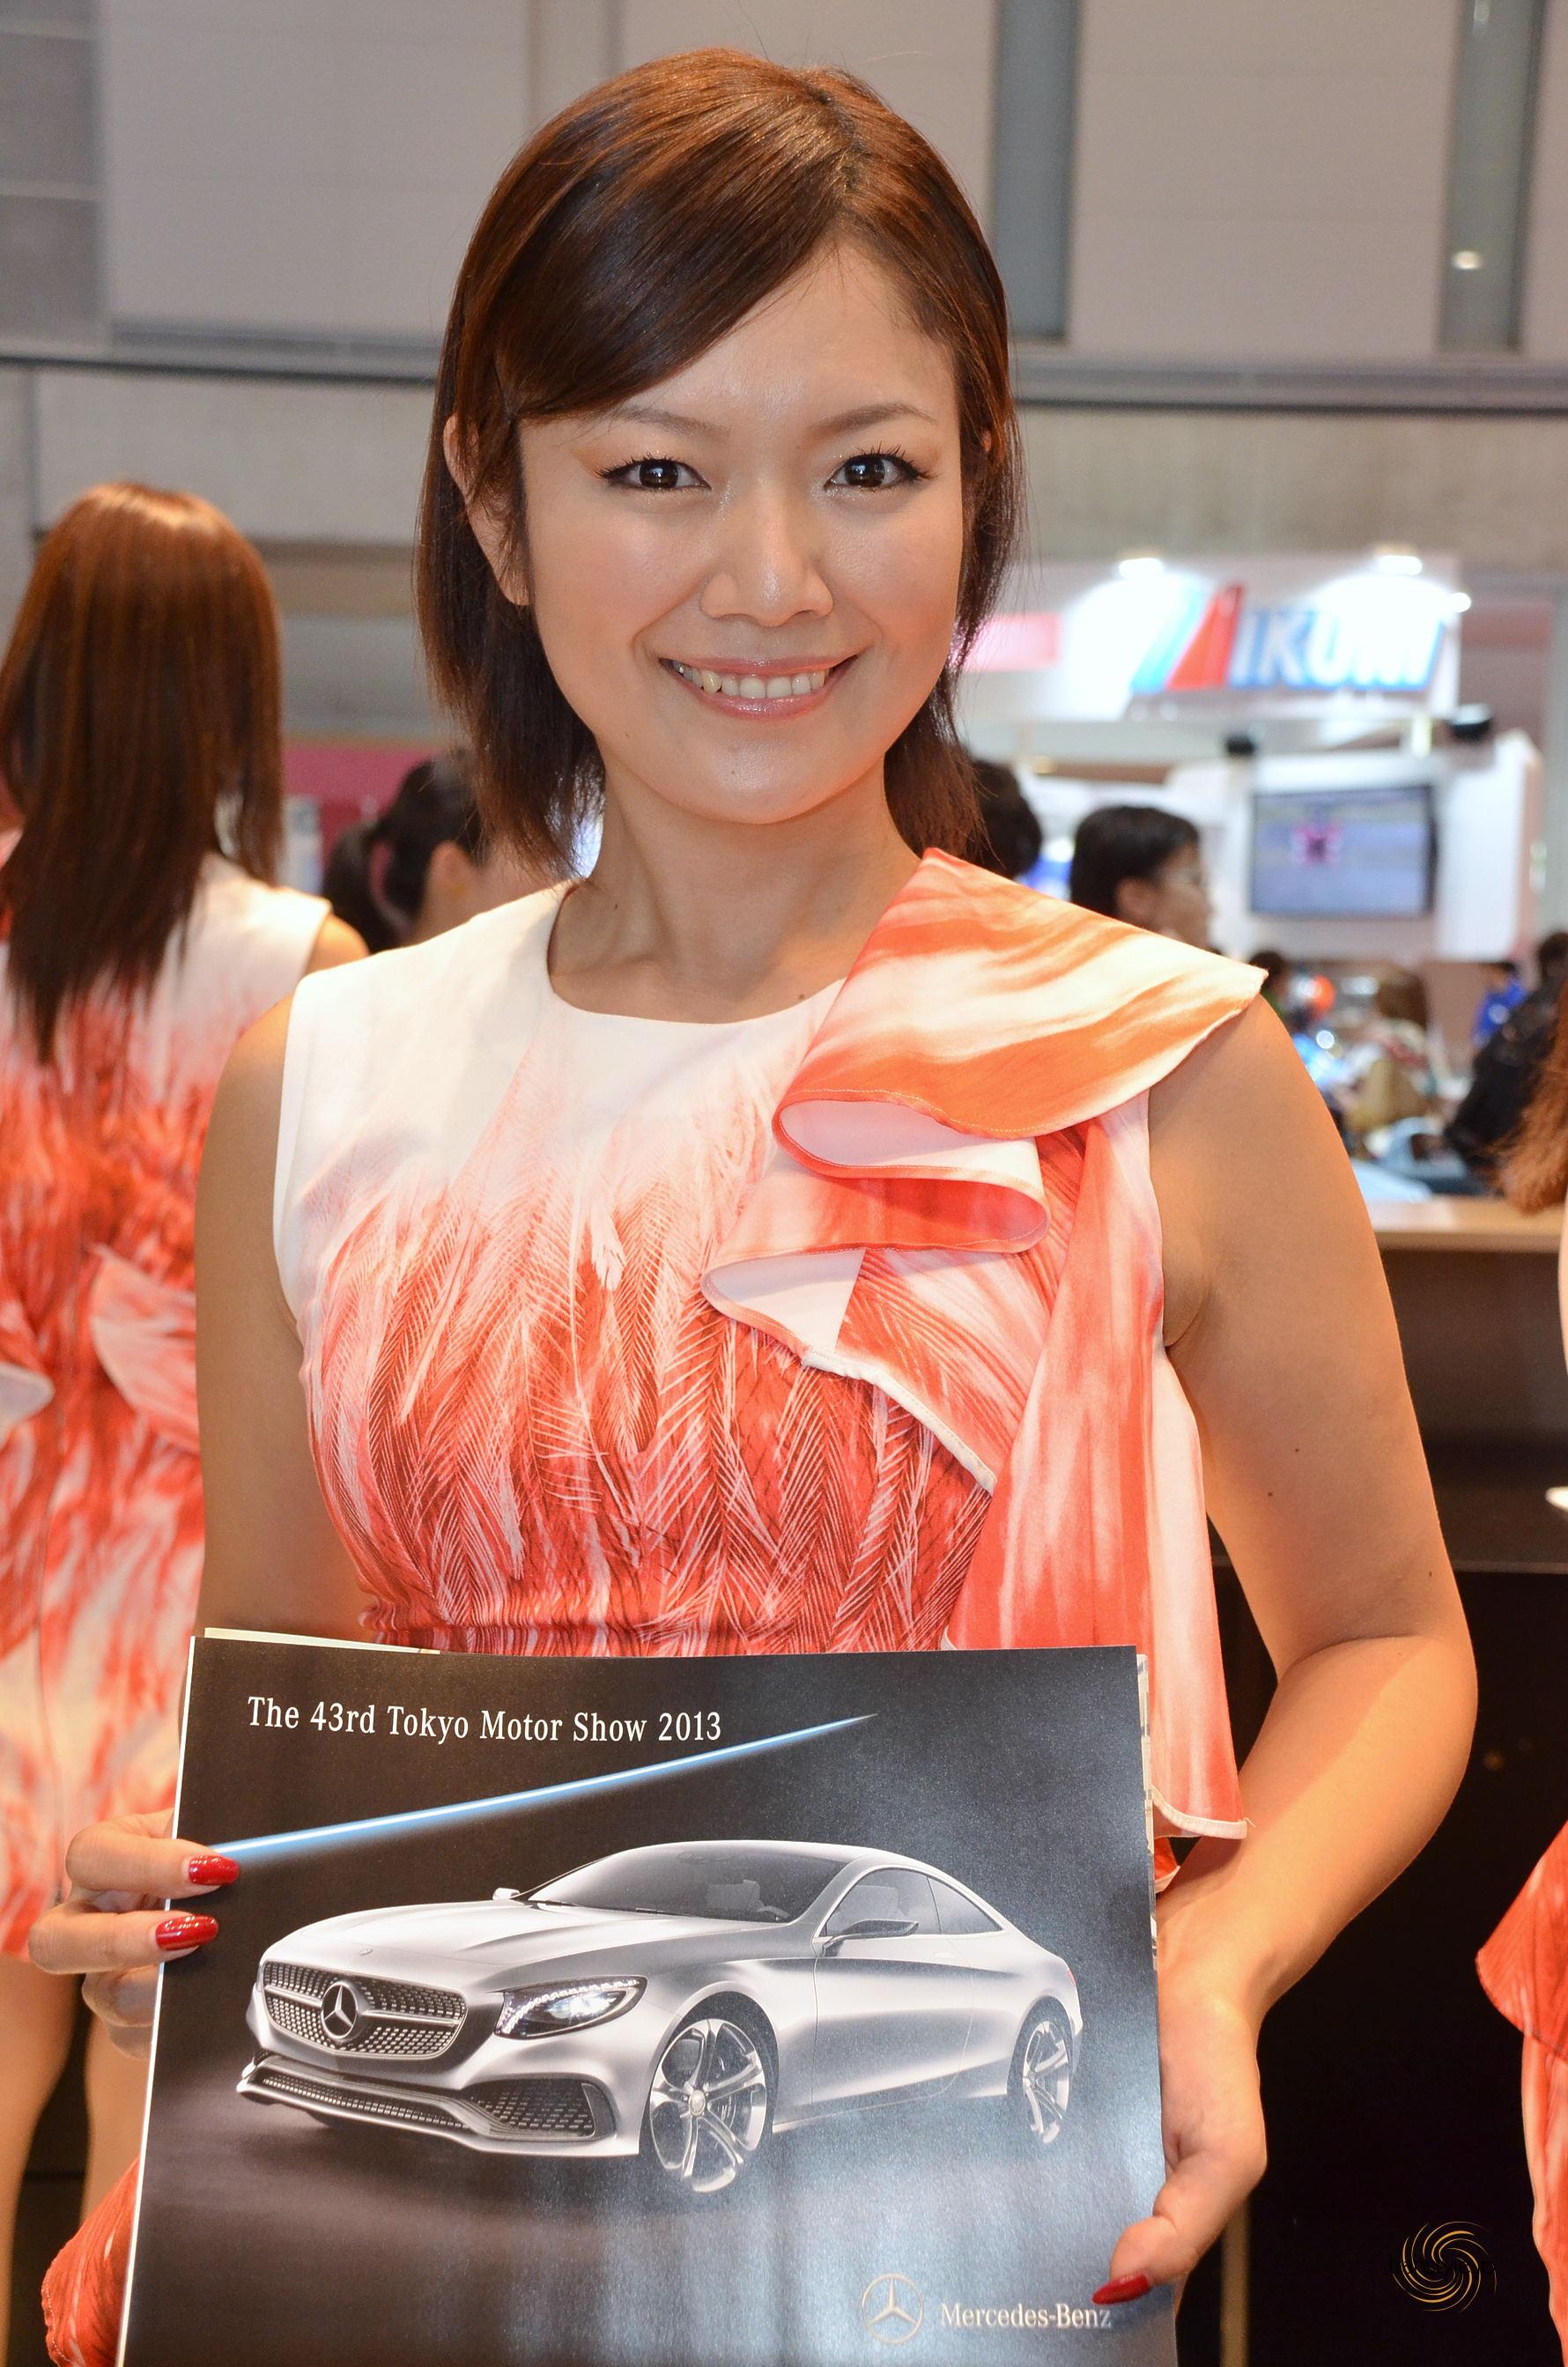 MercedesTokyoMotorShow 2013 .jp00120